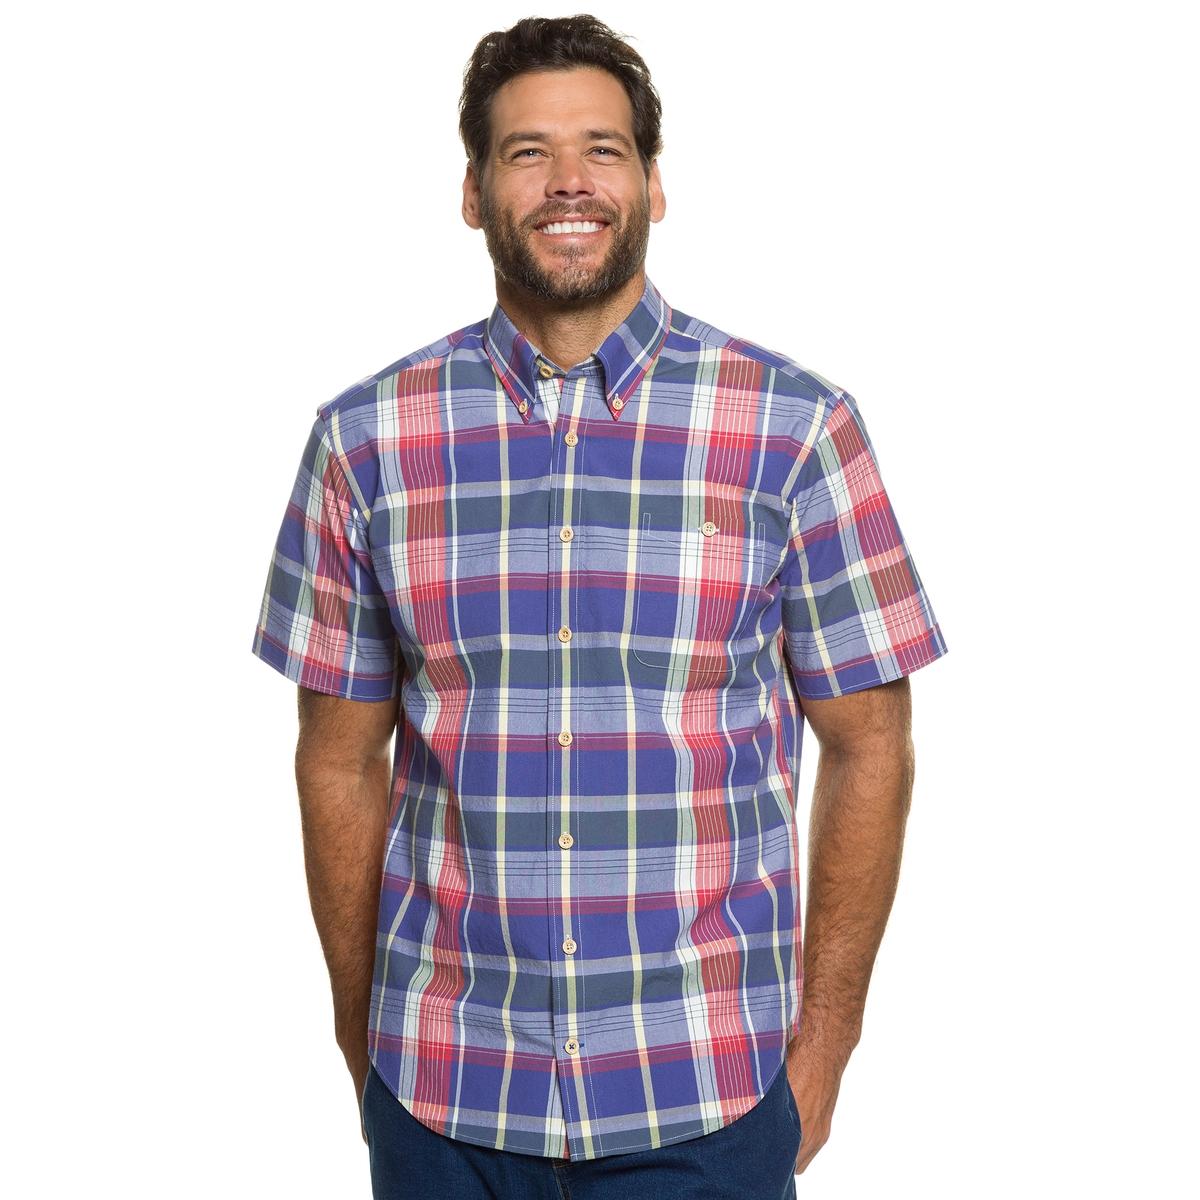 Рубашка в клеткуРубашка в клетку JP1880 с короткими рукавами и нагрудным карманом. Современный слегка приталенный покрой. Рубашку можно носить навыпуск. 100% хлопок. Длина в зависимости от размера. 78-94 см<br><br>Цвет: в клетку